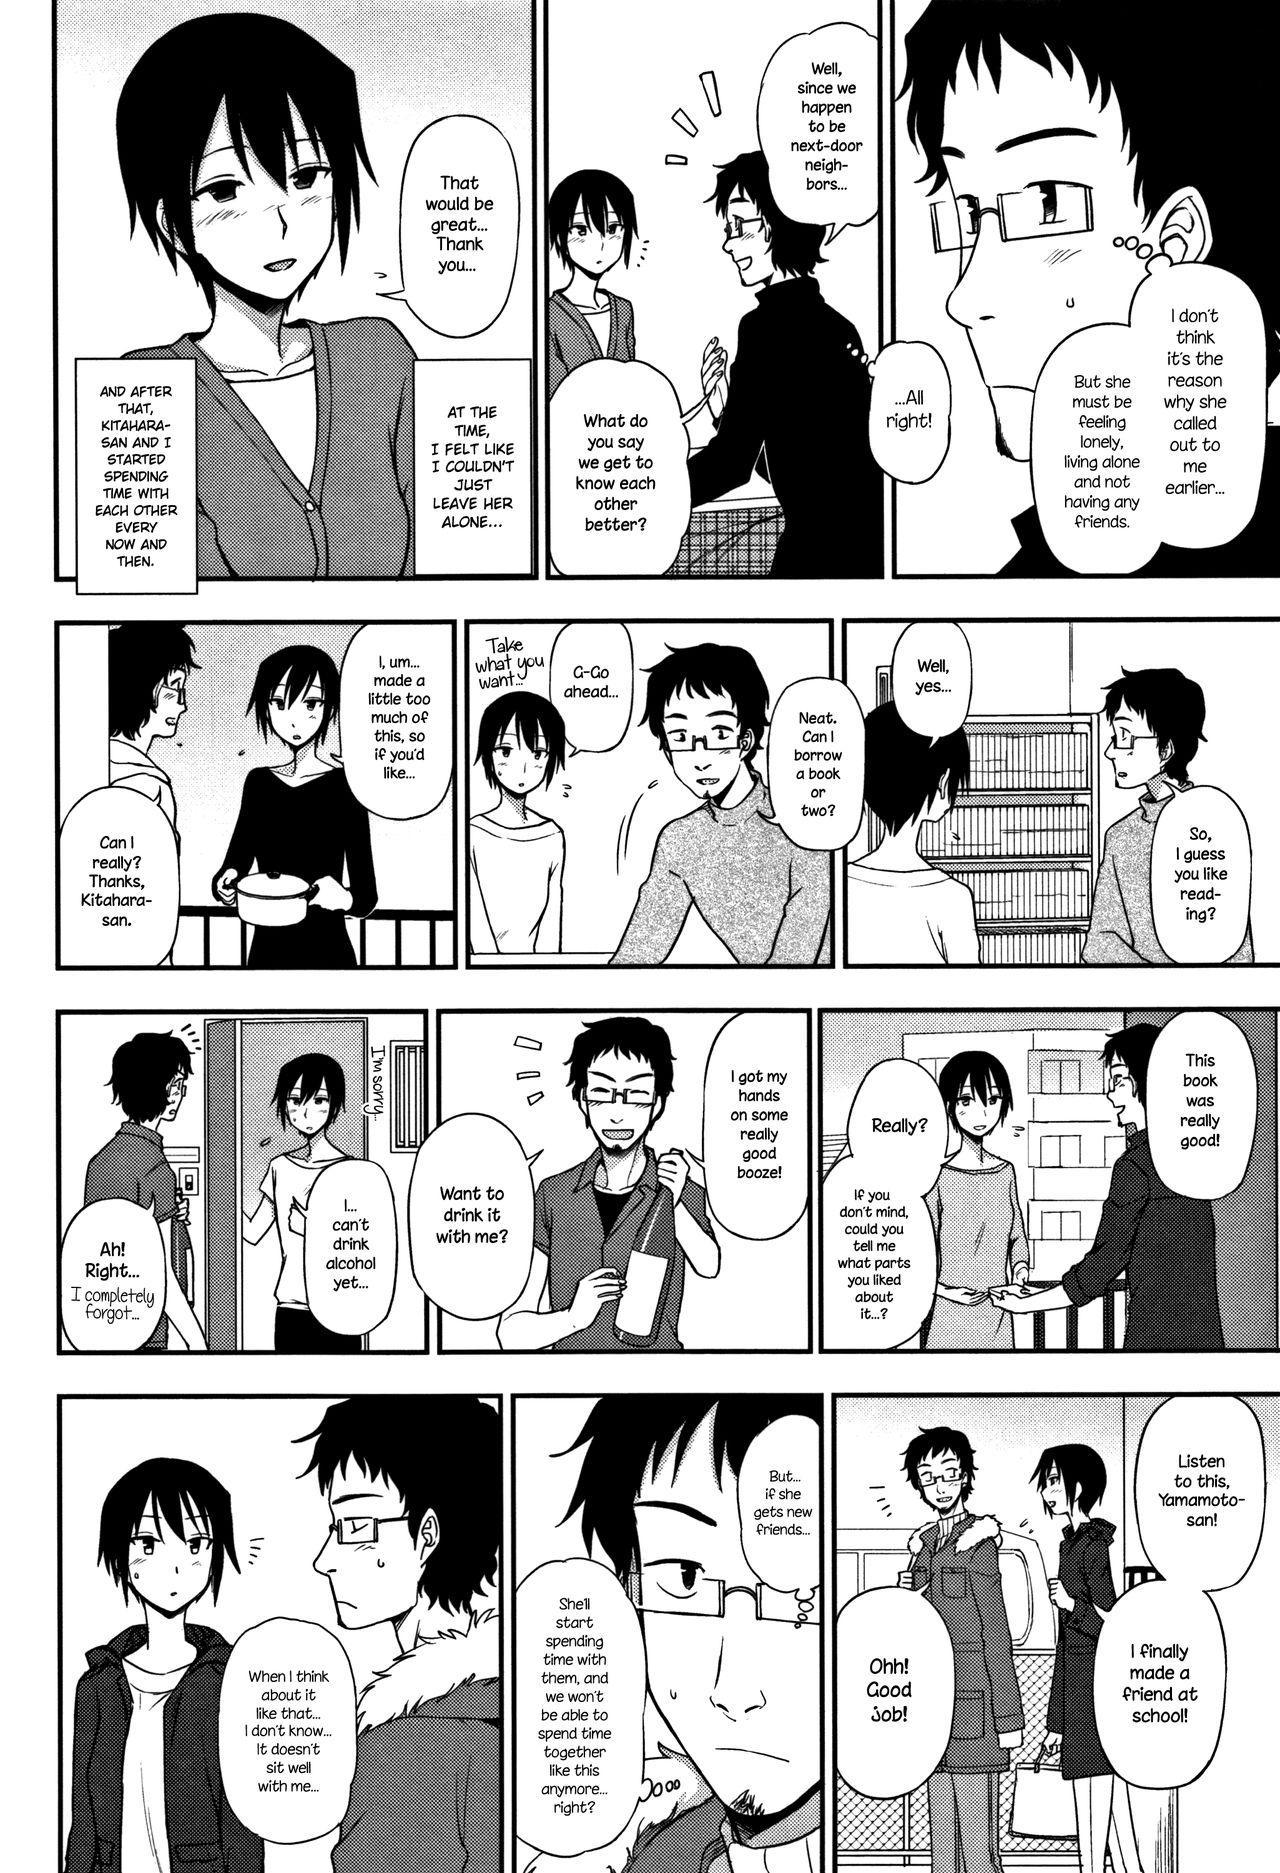 [Kumano Tooru] Otonari-san | Next-Door Neighbor (Kimochi Ii no ga Suki Nandesu) [English] {NecroManCr} 5